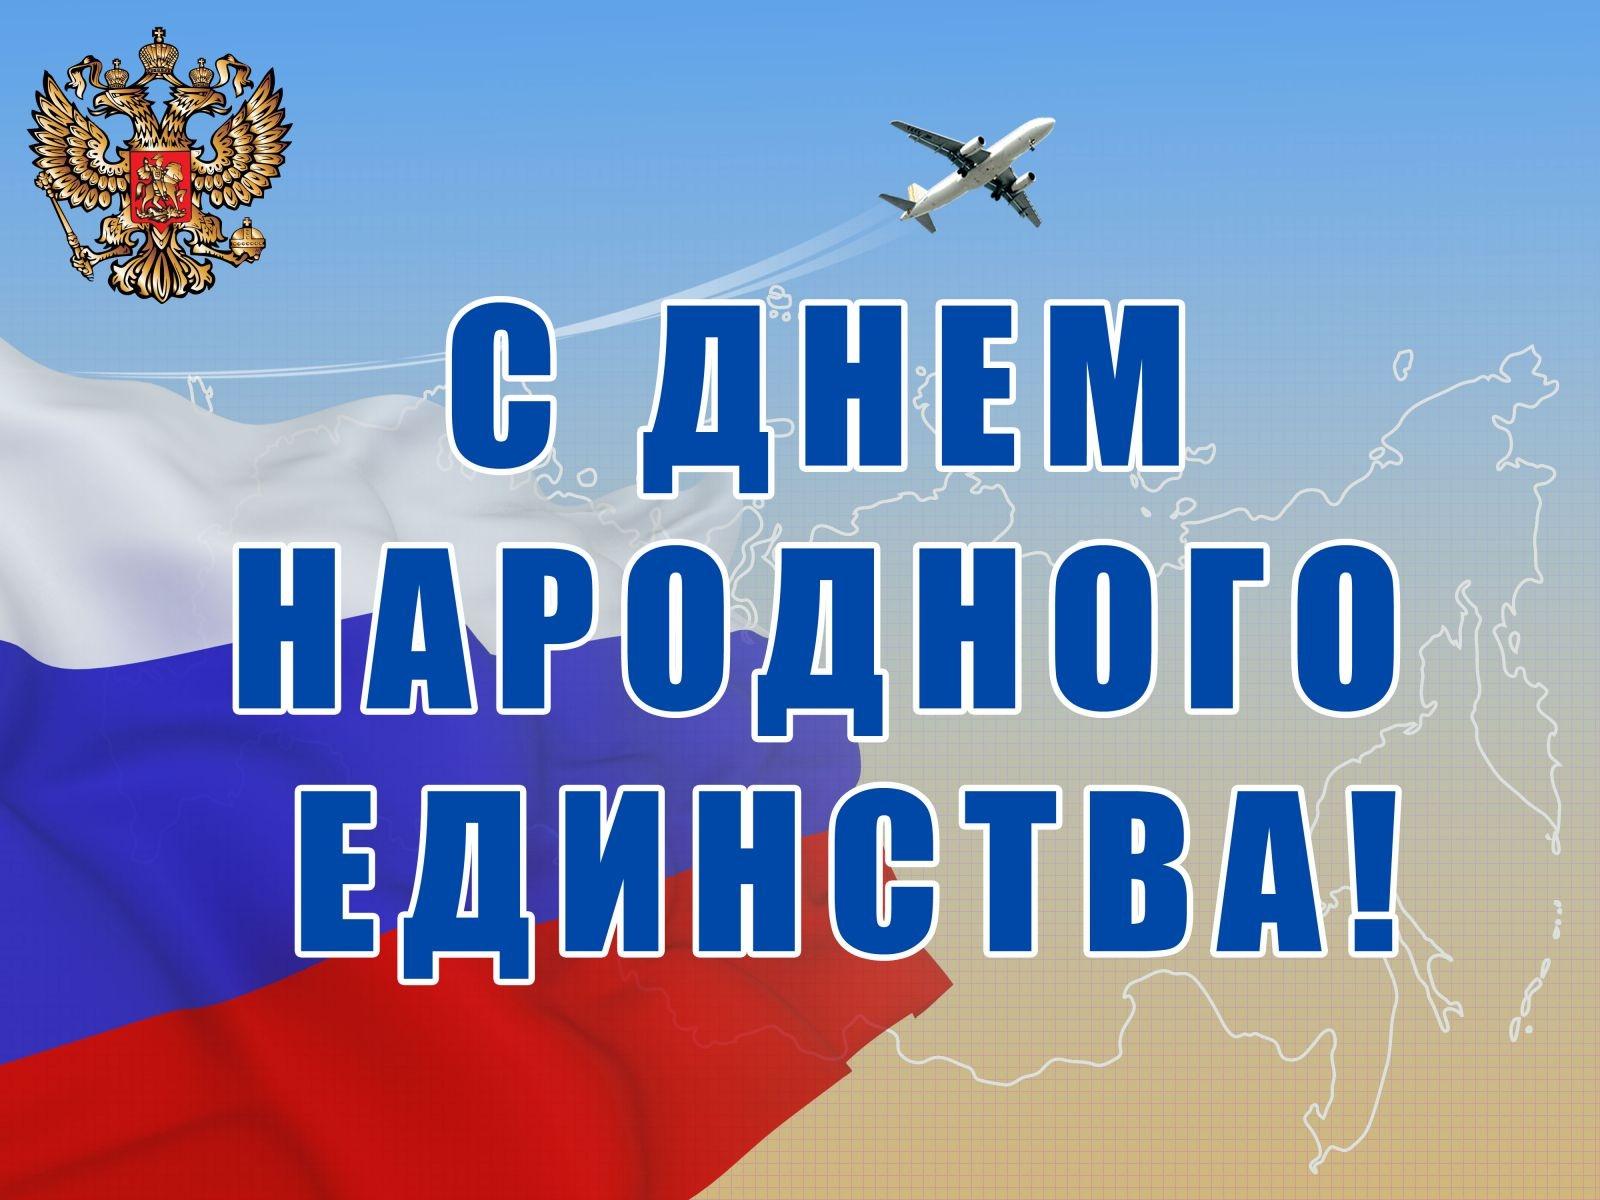 Свадьба открытки, картинки к дню единства россии